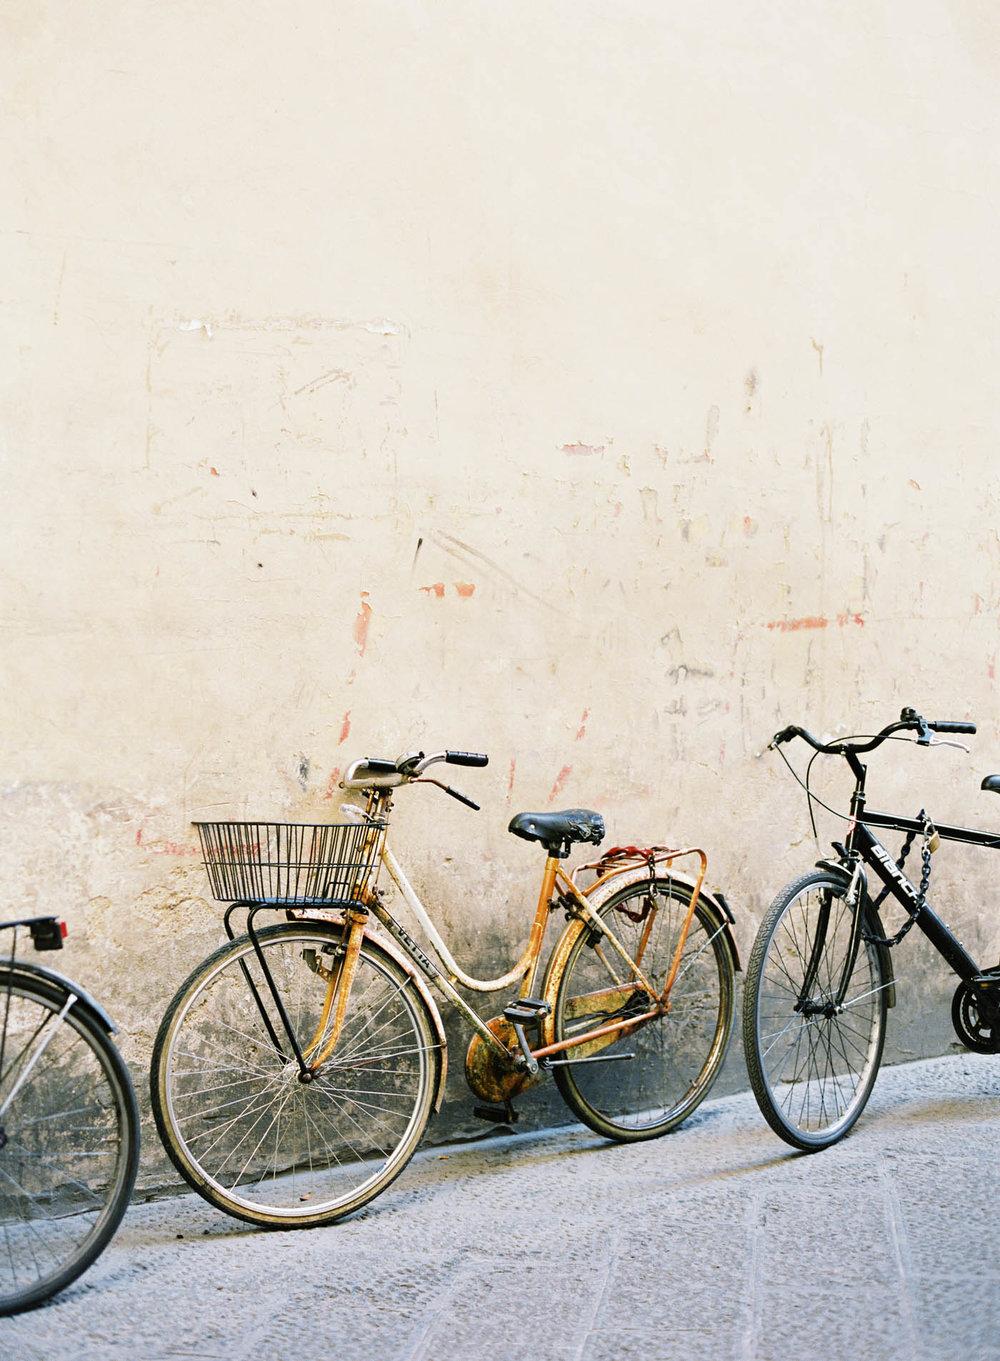 Rome_Travel-3-Jen_Huang-008239-R1-014.jpg